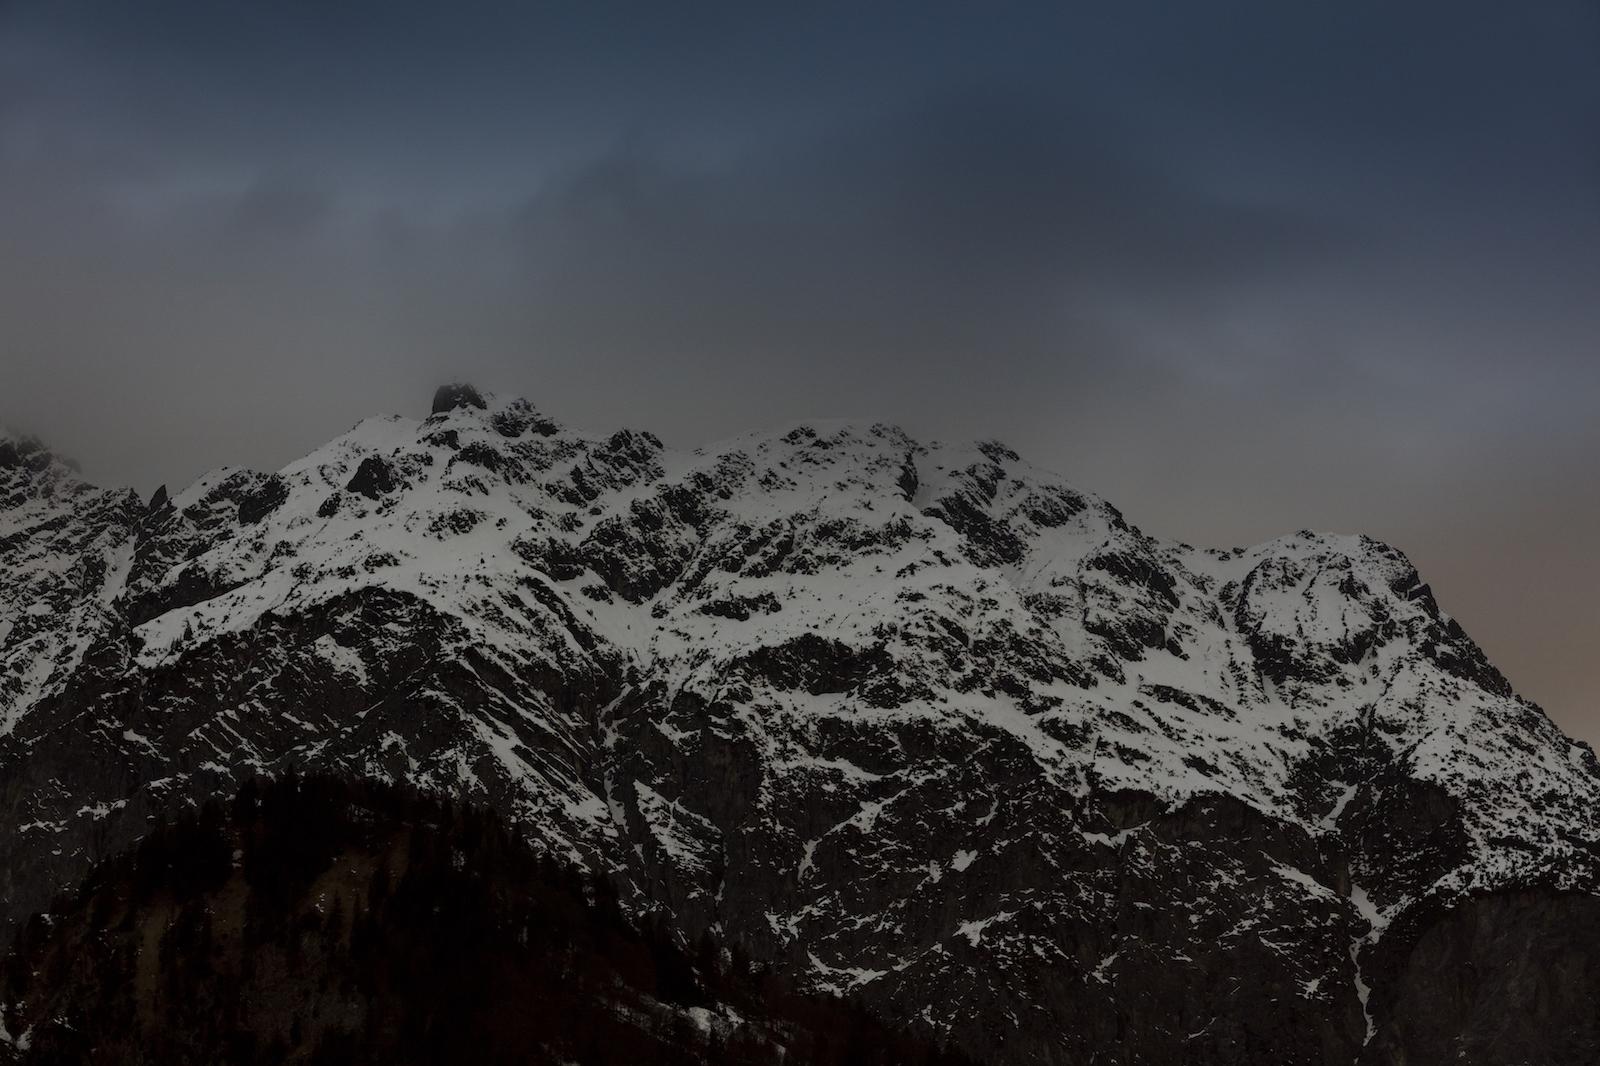 Berggipfel im Morgengrauen mit Schnee bedeckt